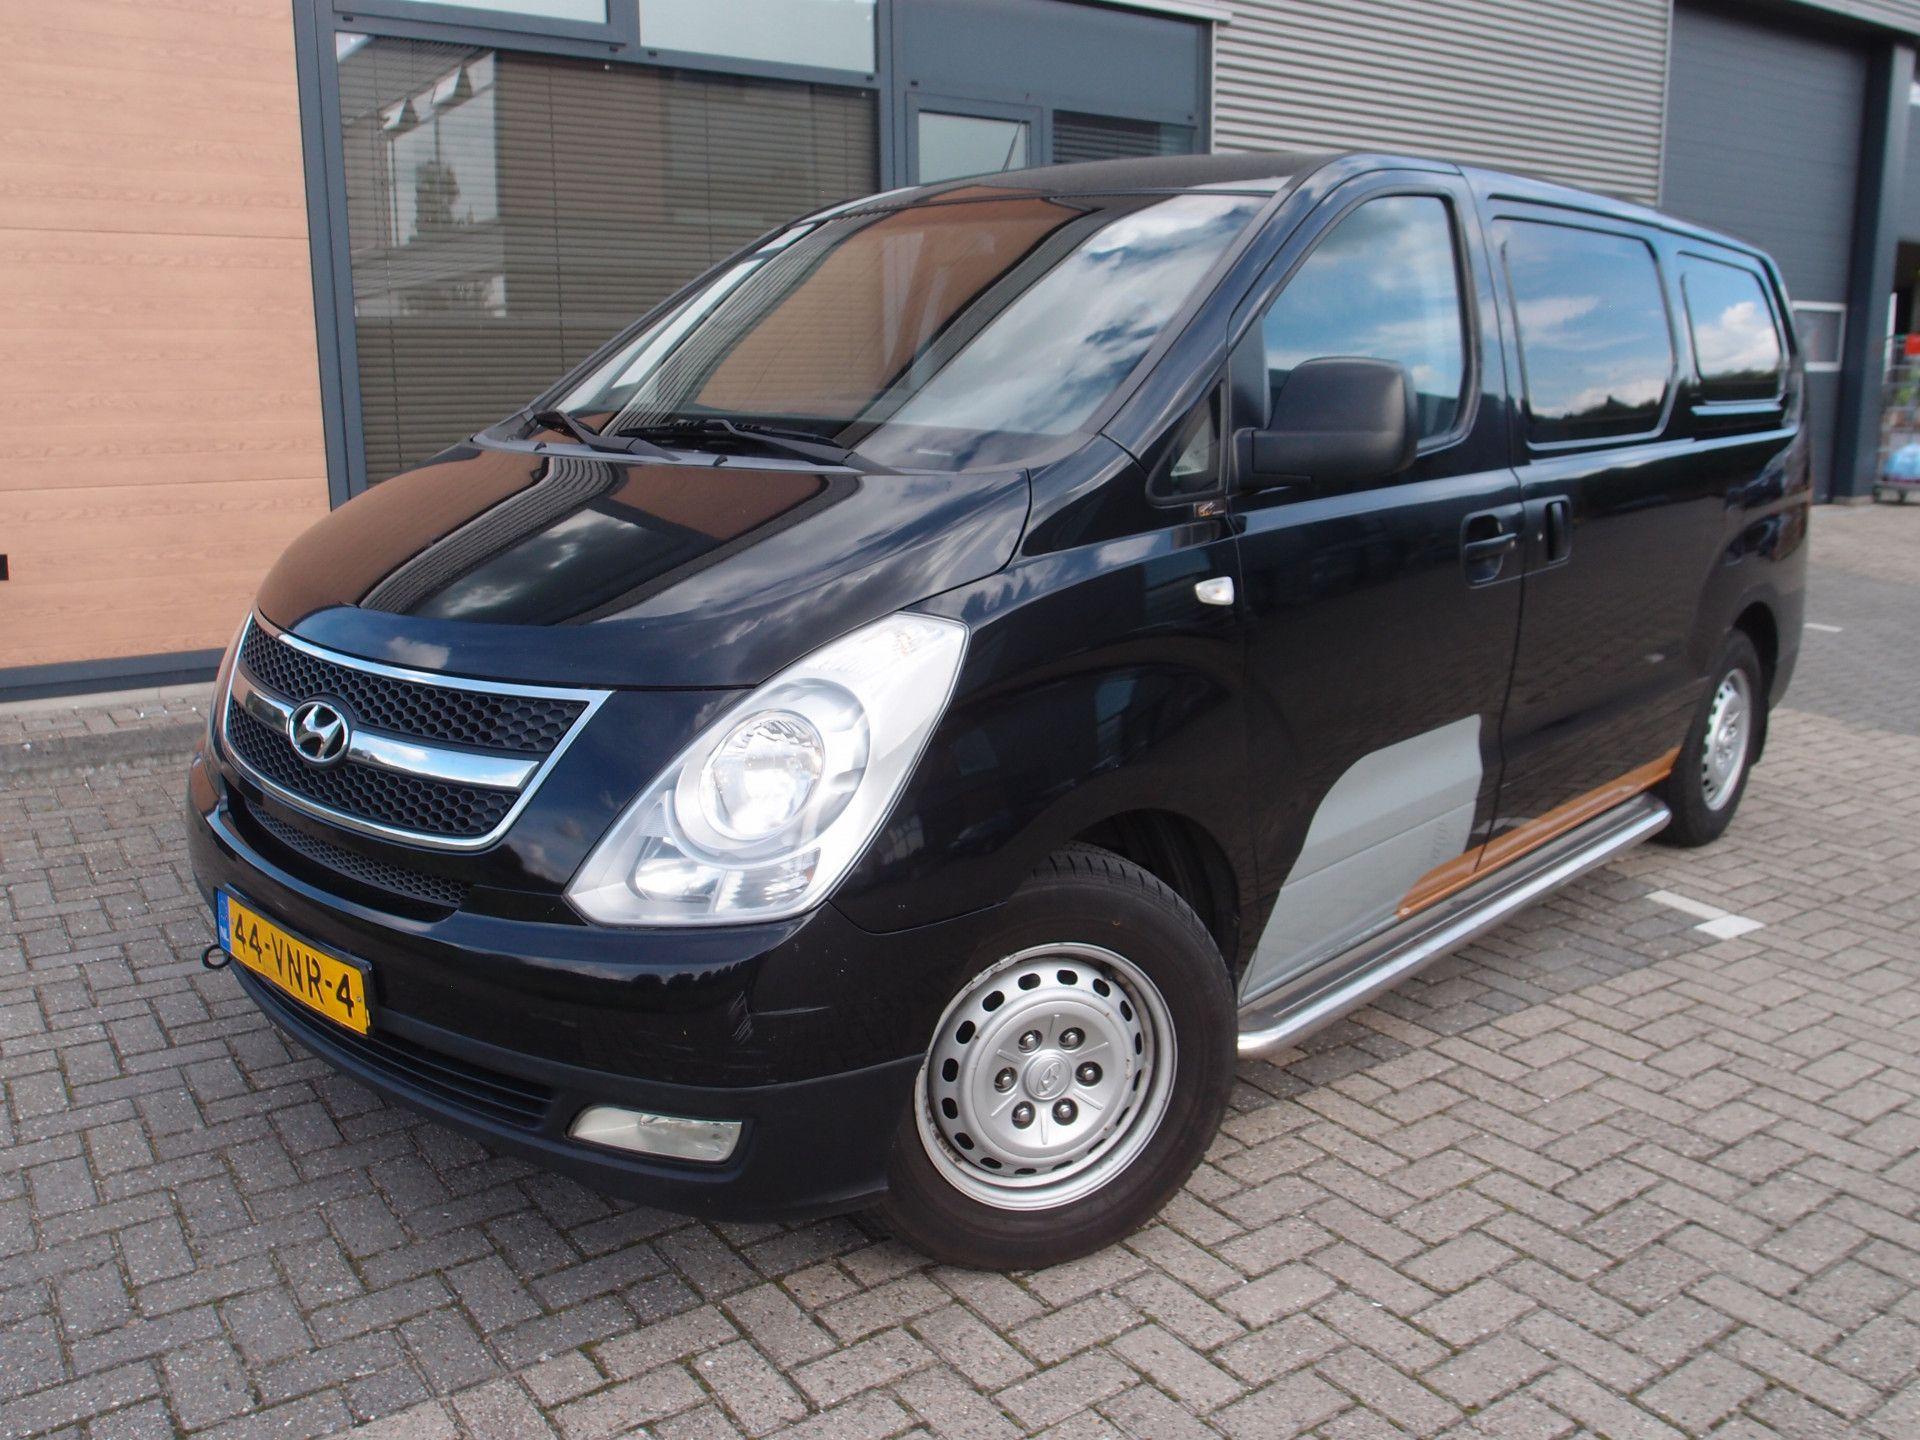 Hyundai-H300-2.5 CRDi Active 170pk trekhaak 2300kg nieuwe apk-Winkel-bedrijfsautos-Nieuwerkerk-ad-ijssel